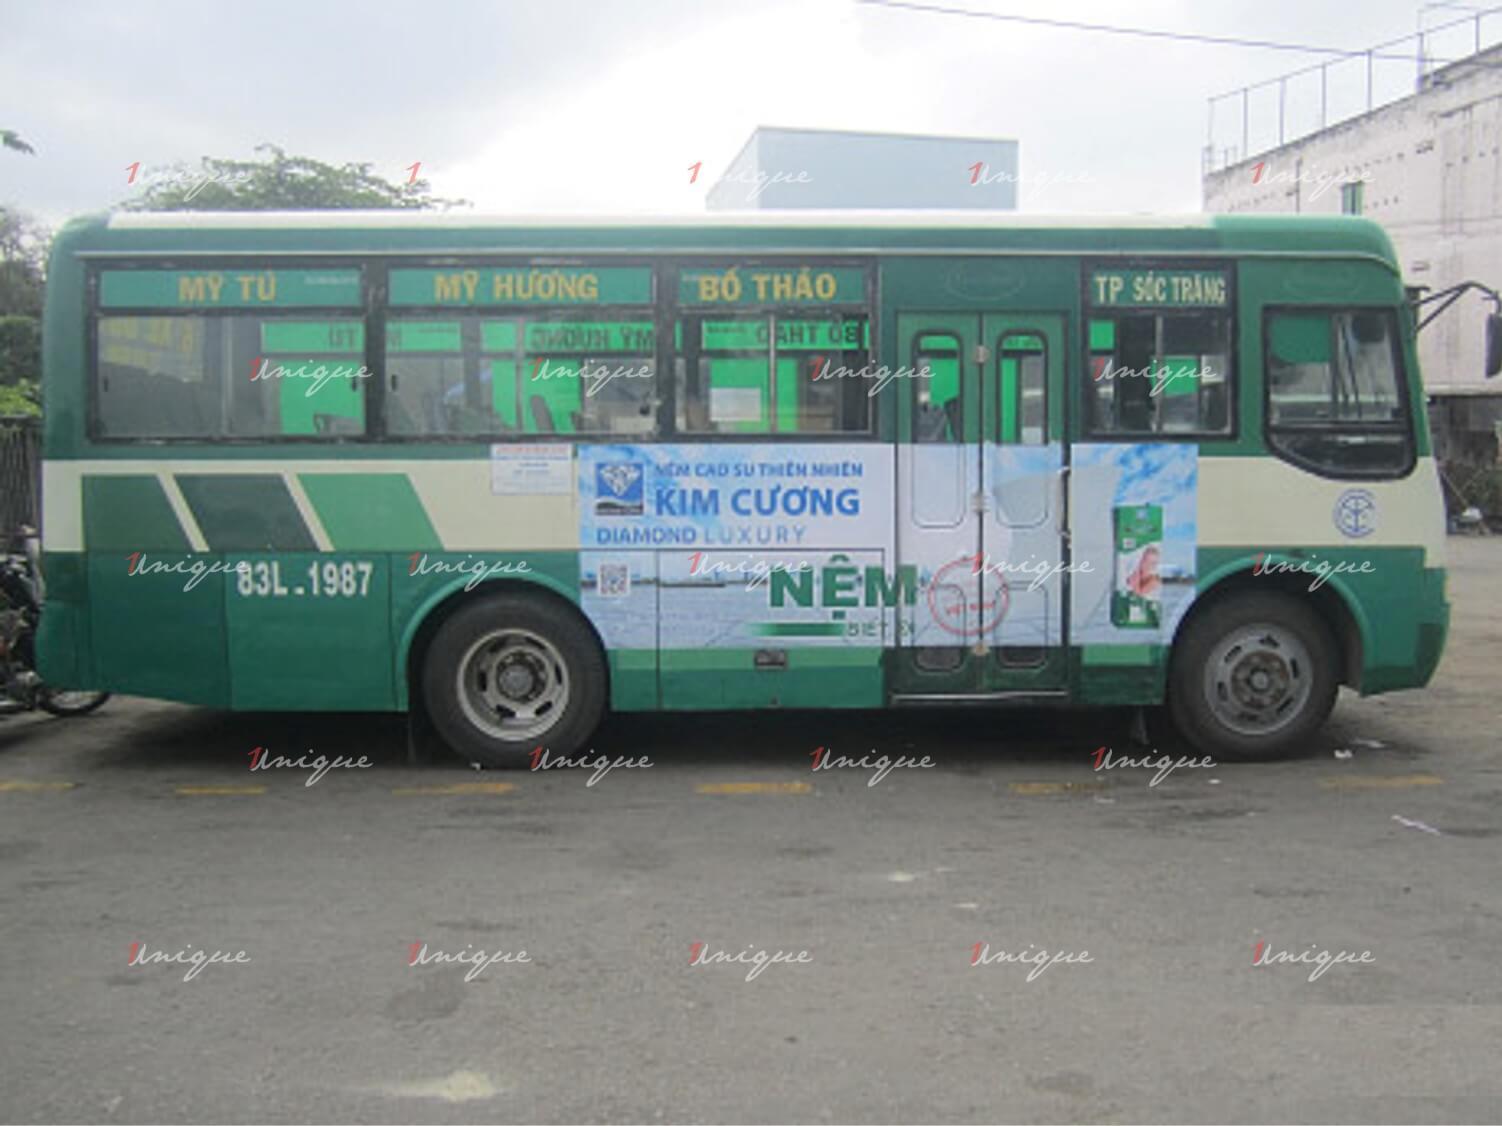 Quảng cáo xe bus tại sóc trăng